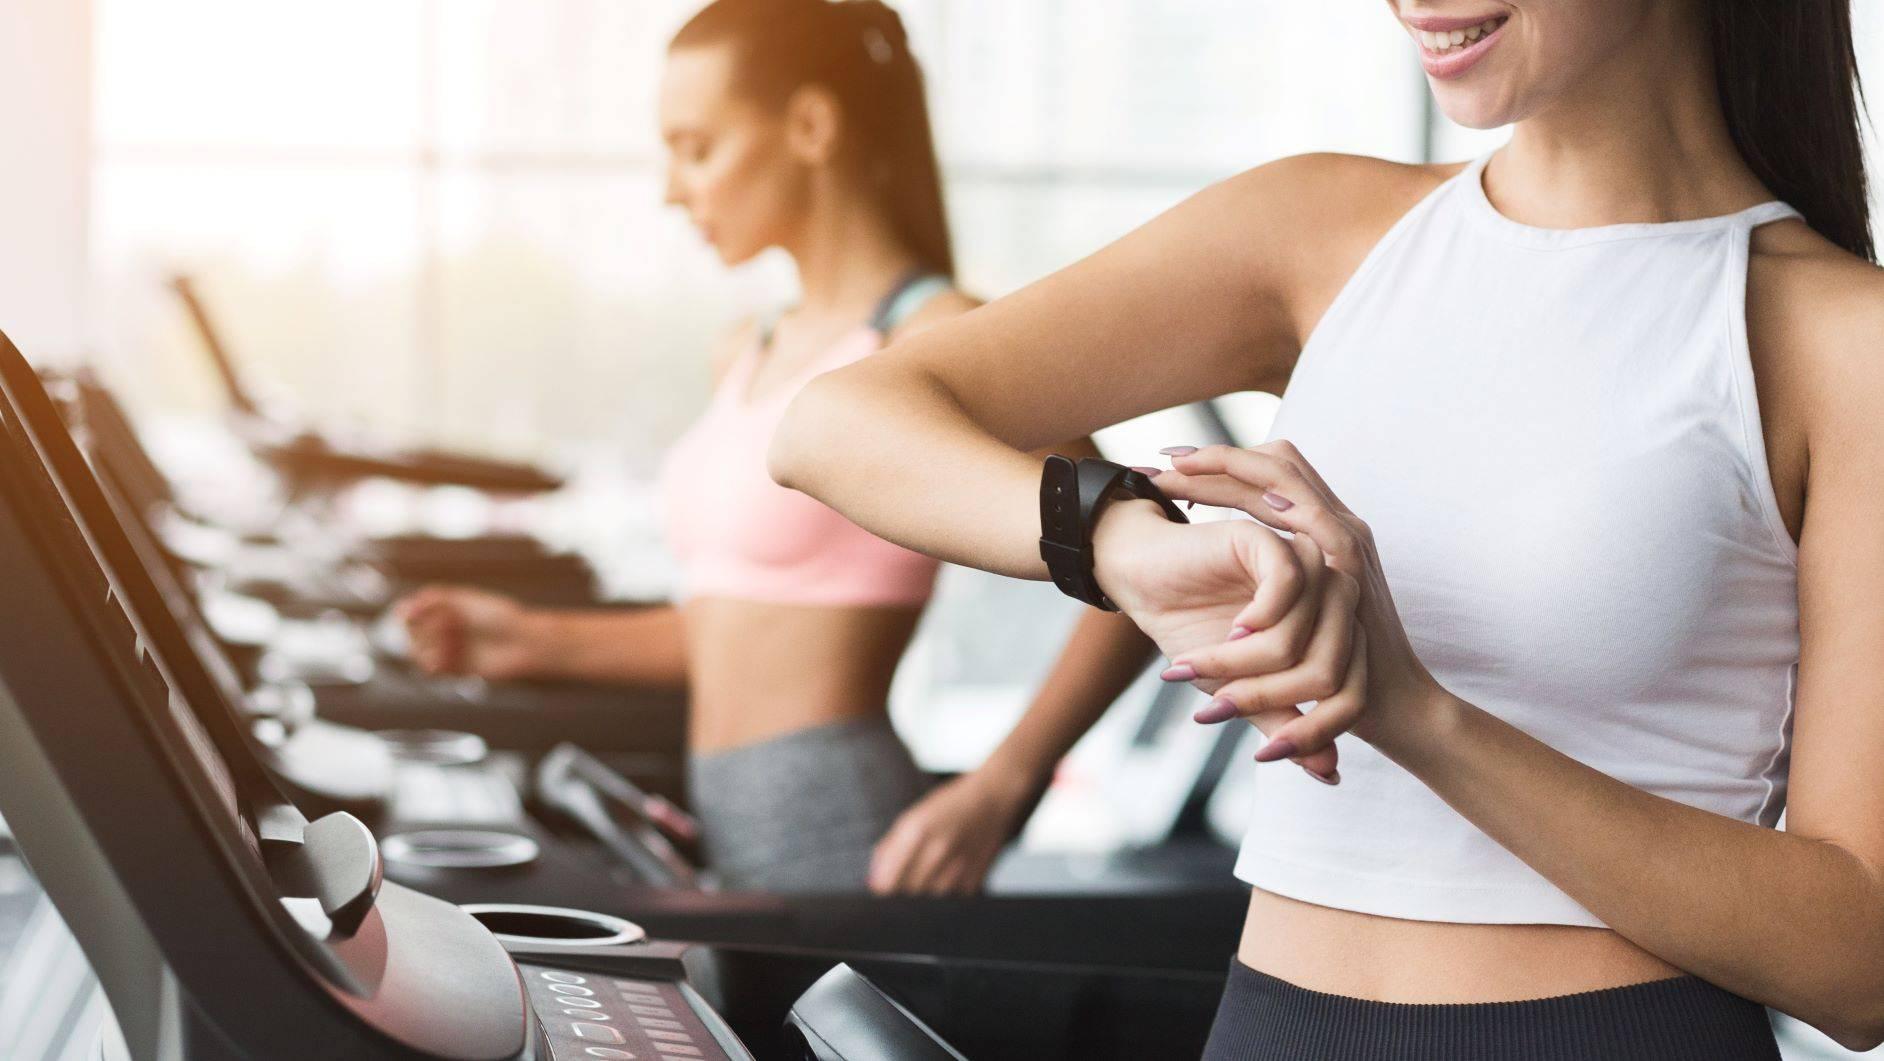 Jak trenować z pulsometrem? Kobiety ćwiczą z pulsometrem na siłowni.